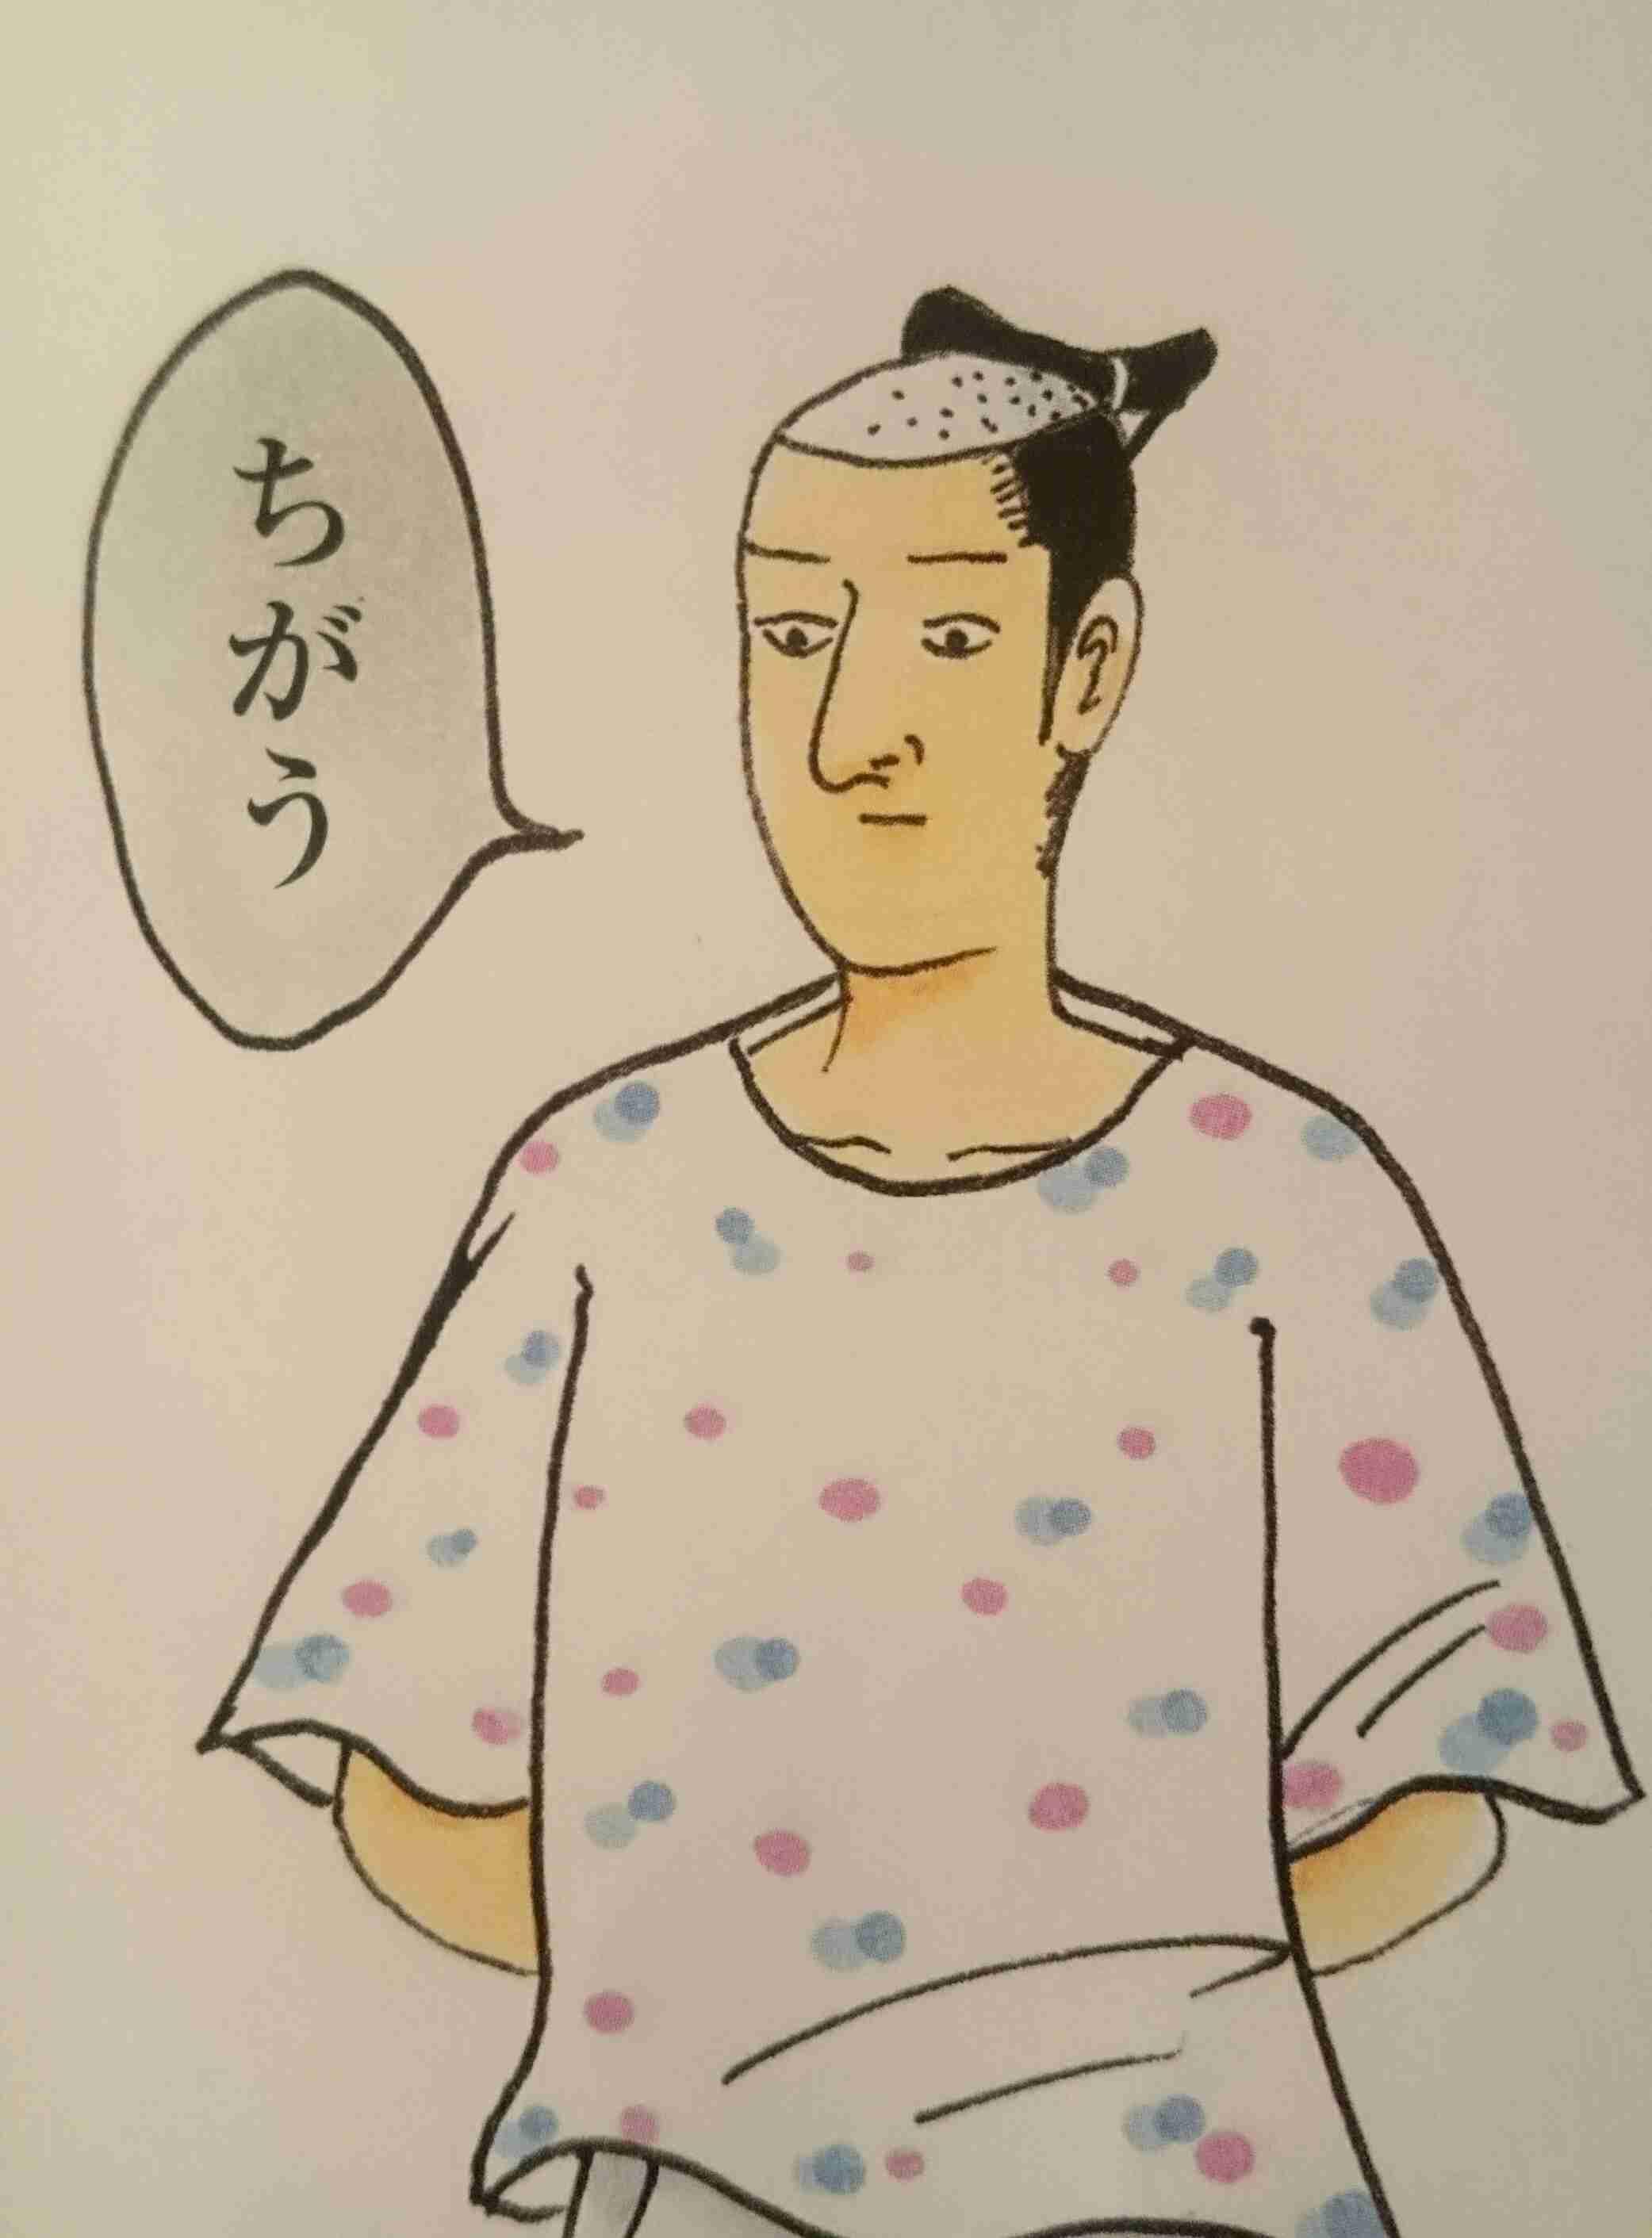 乙武氏「花の蜜吸ったら窃盗罪」のクレームに皮肉「そのうち蚊を殺しても謝罪」